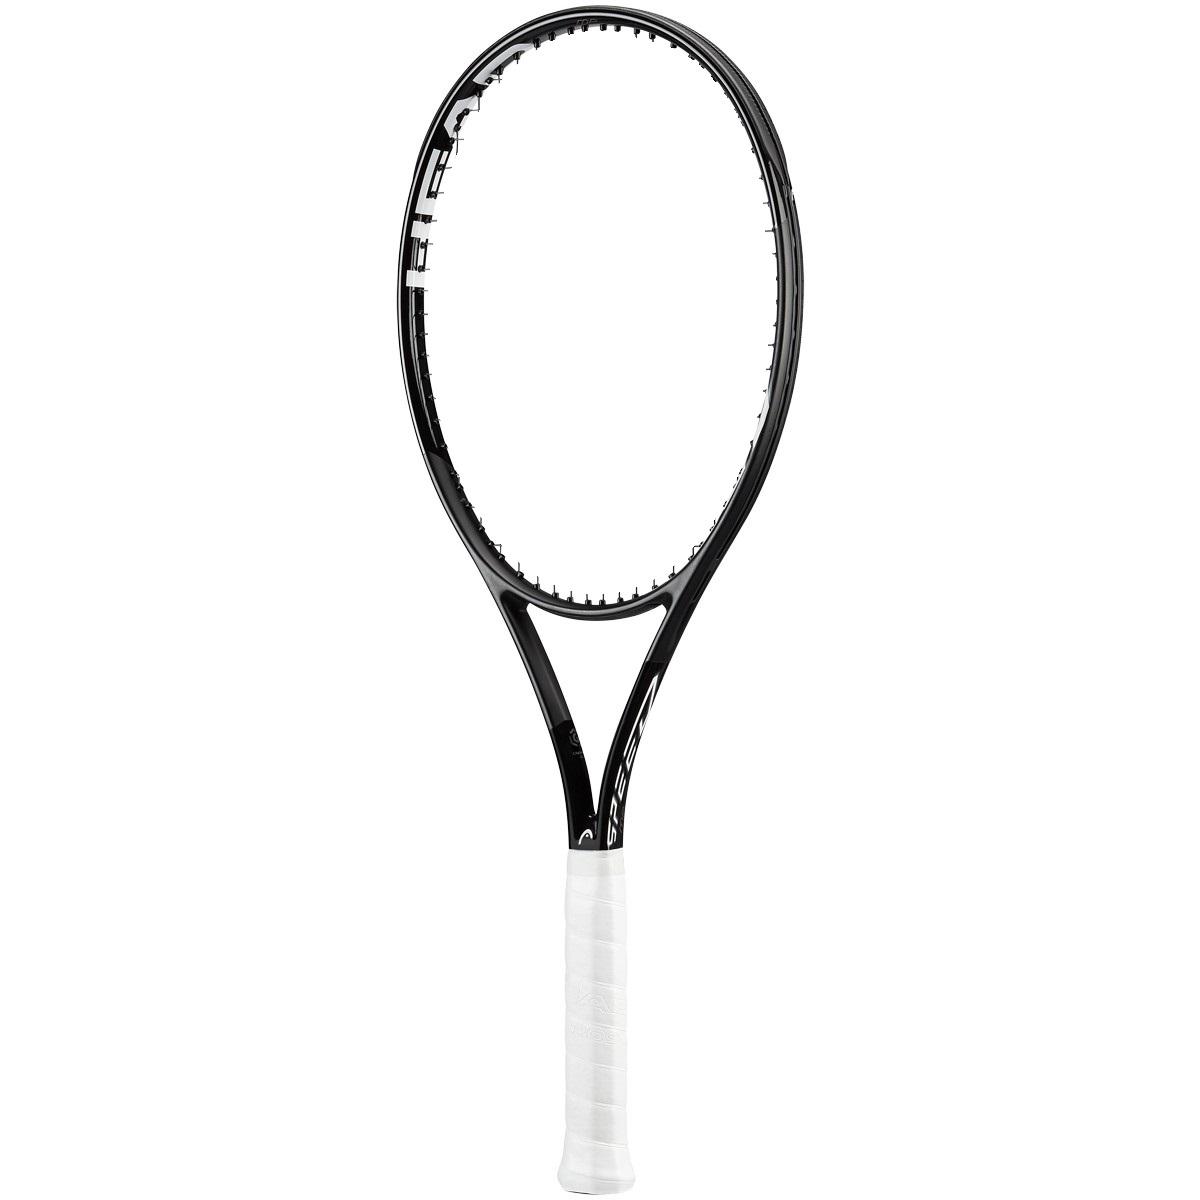 送料無料 ポイントアップ グリップテープ1本付 2021 ランキング総合1位 NEWモデル ヘッド テニスラケット PROブラック 310g 正規品スーパーSALE×店内全品キャンペーン グラフィン360 スピード